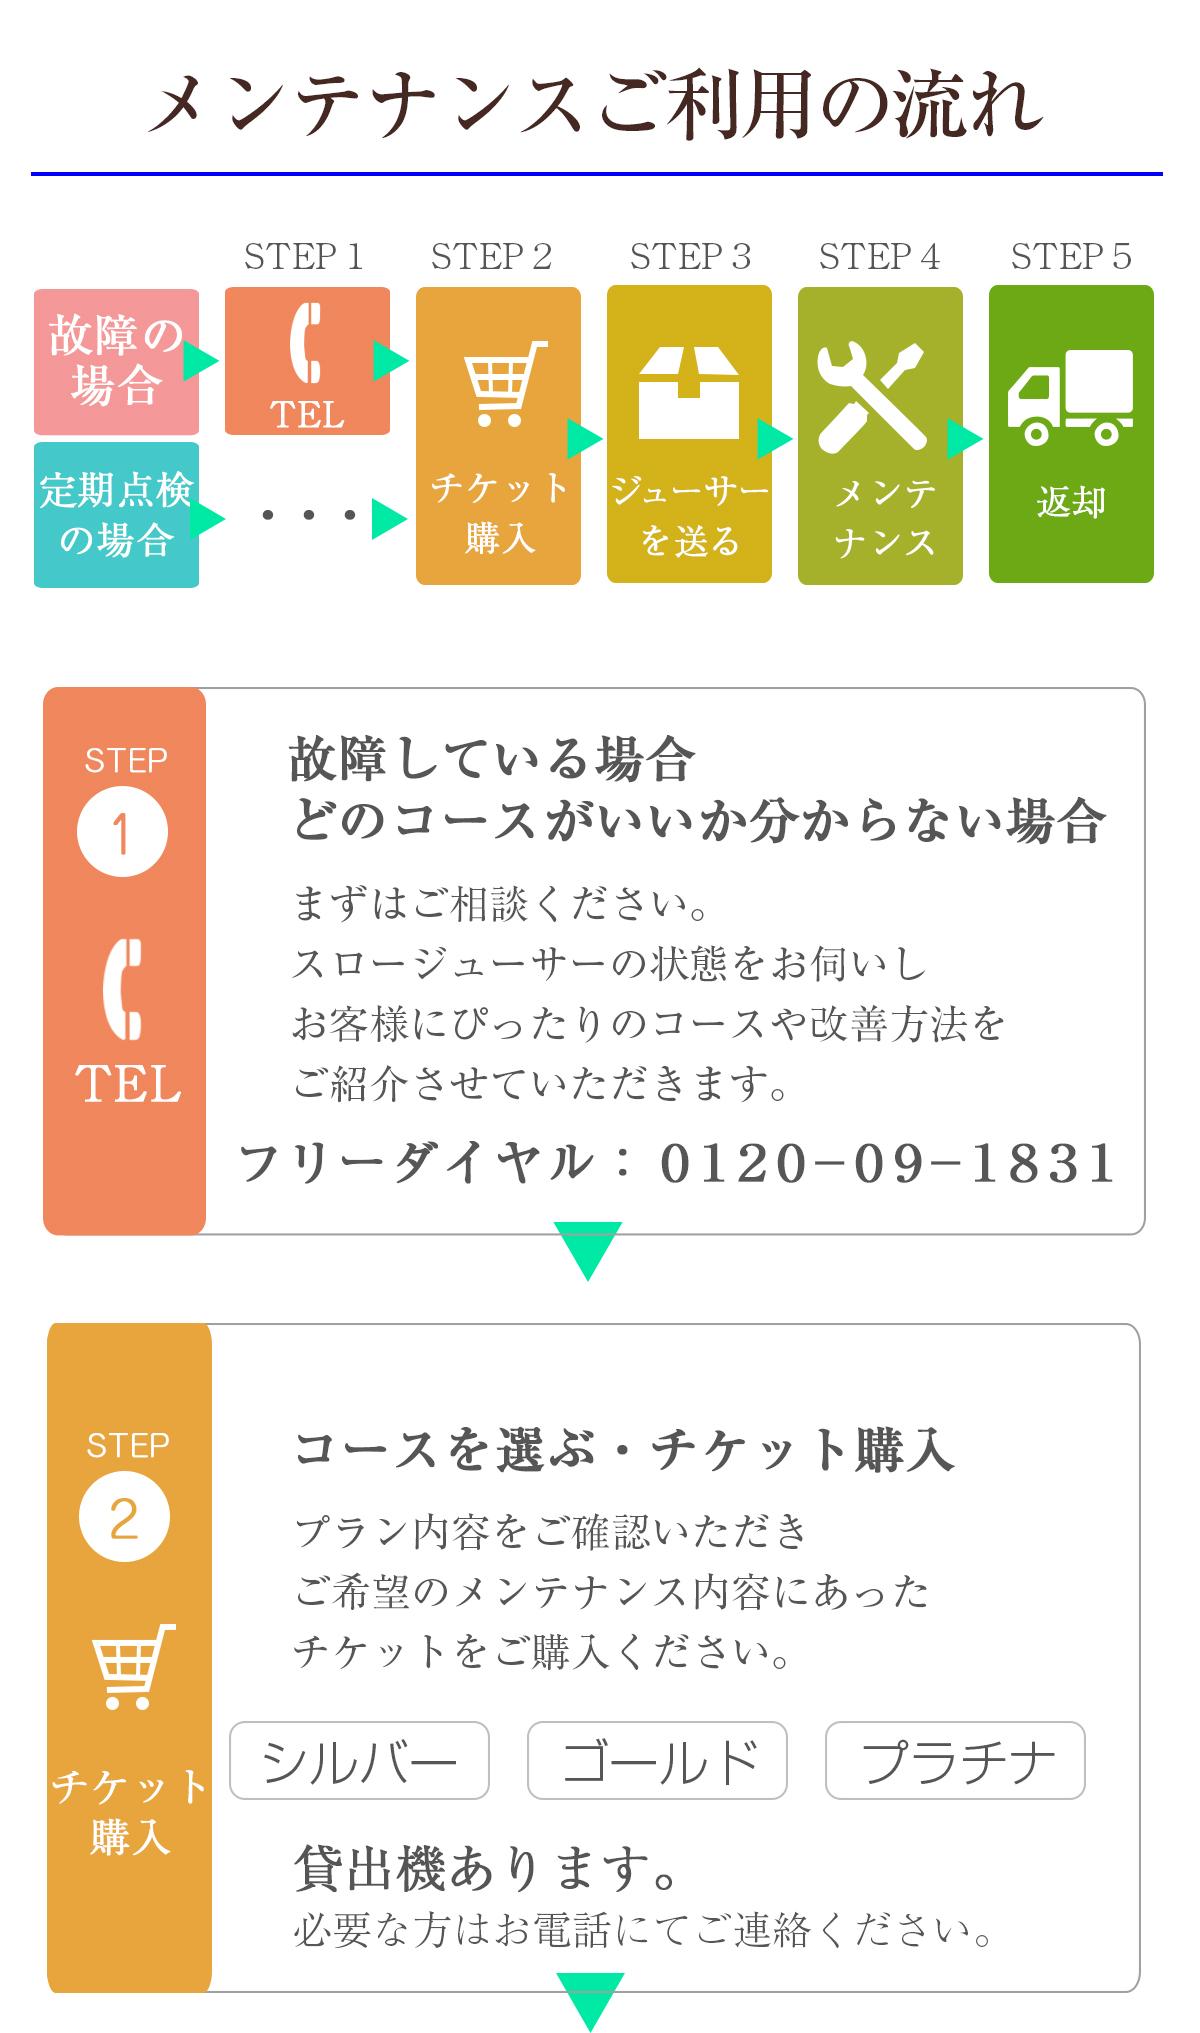 メンテナンスの流れ(TEL→チケット購入)